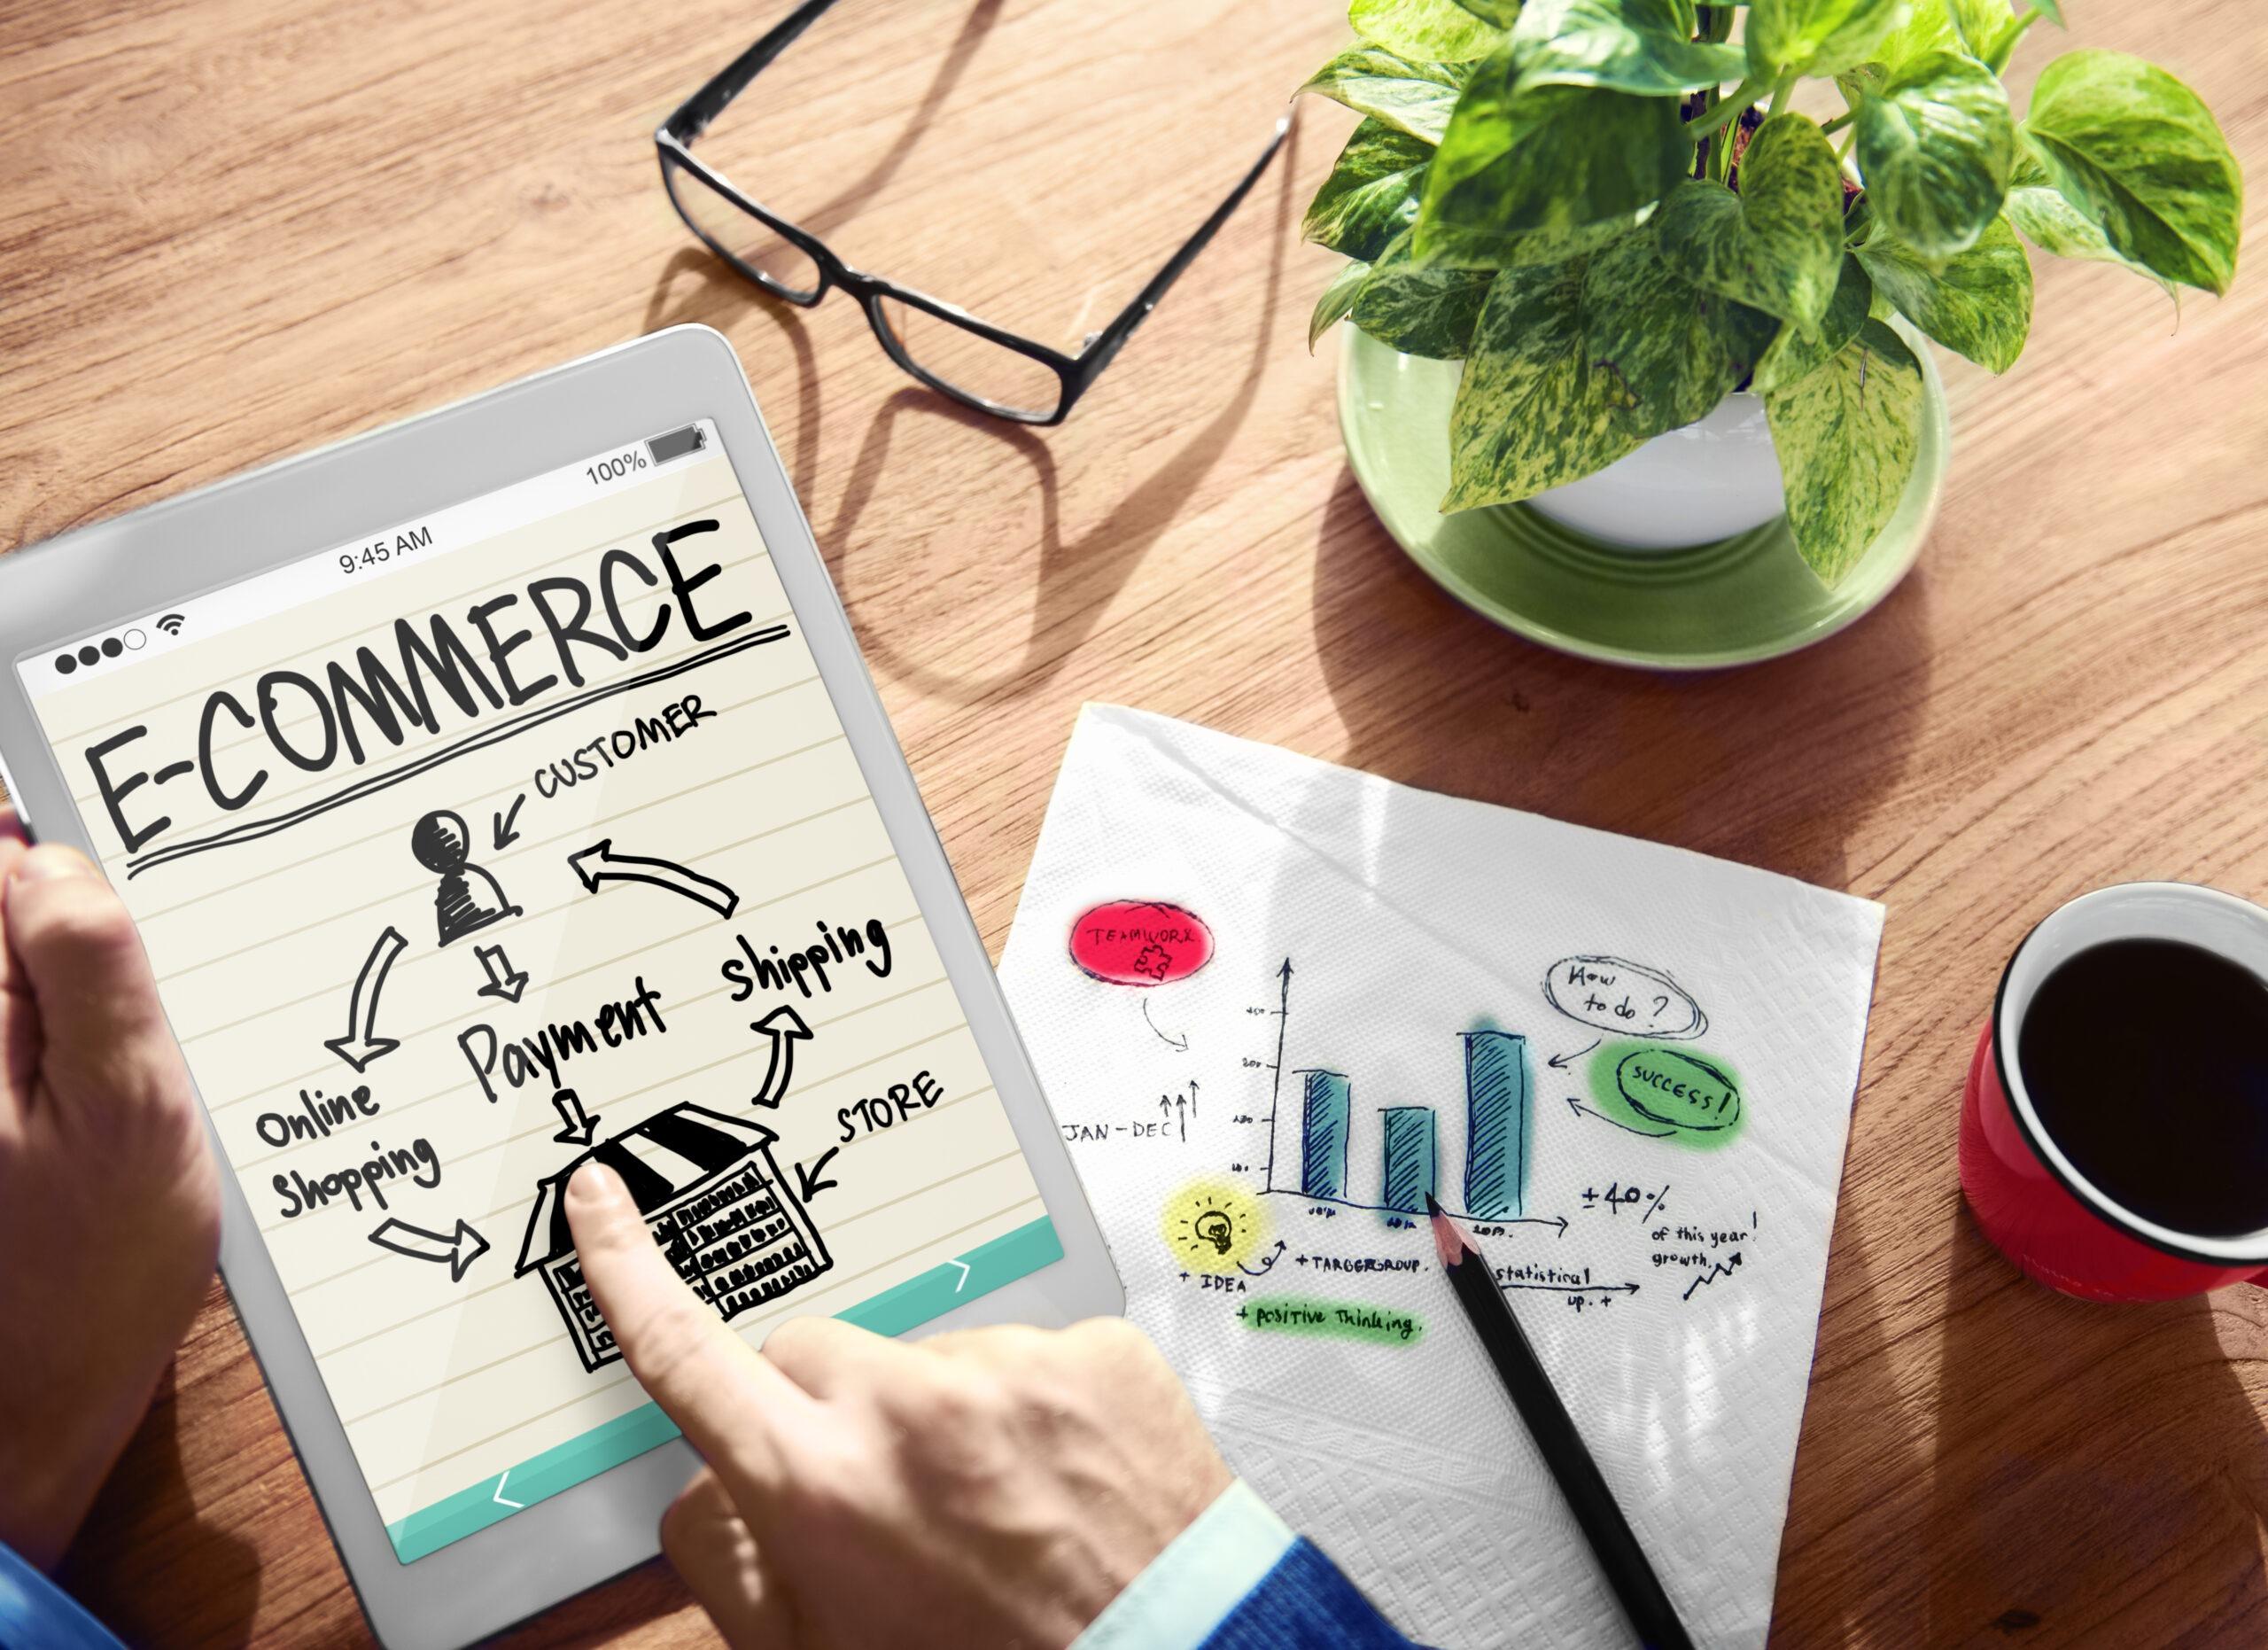 Ecommerce per negozi: regole per digitalizzare il tuo shop